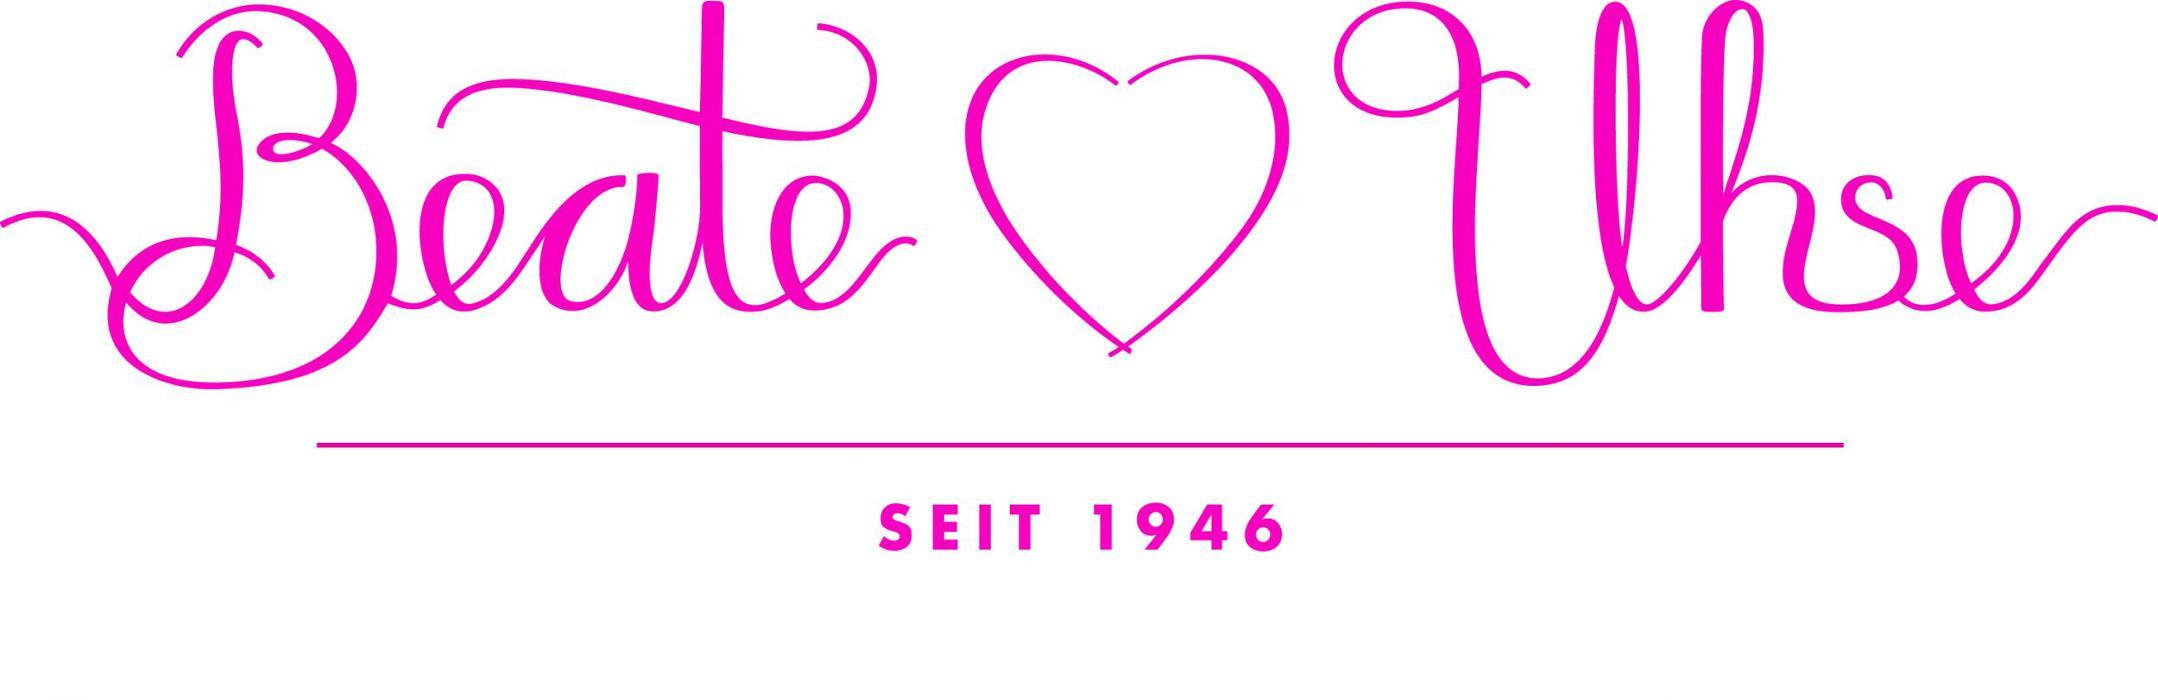 Logo von Beate Uhse Lizenz. SJ discrete store